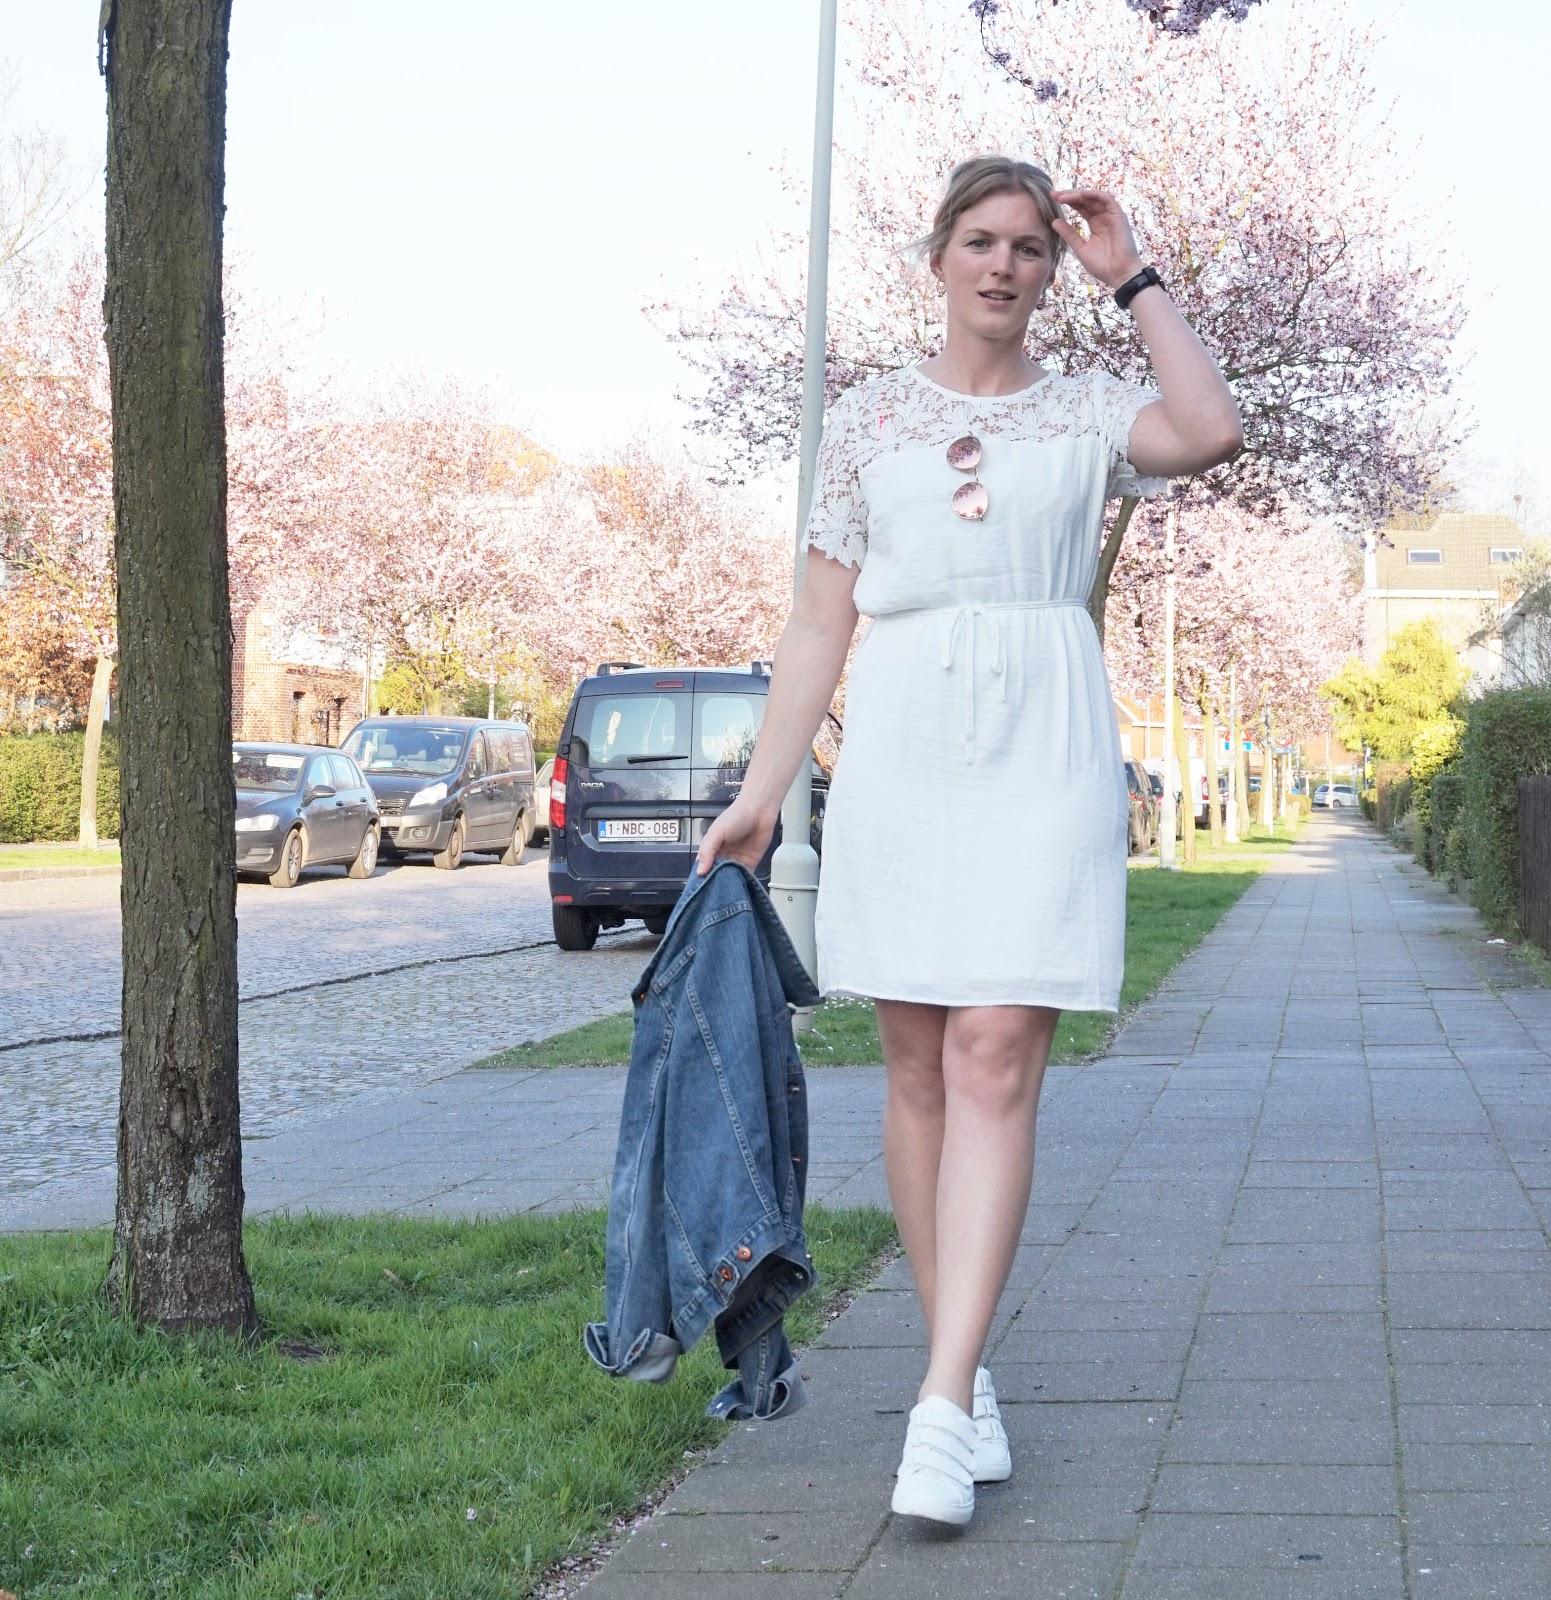 DSC05315 | Eline Van Dingenen